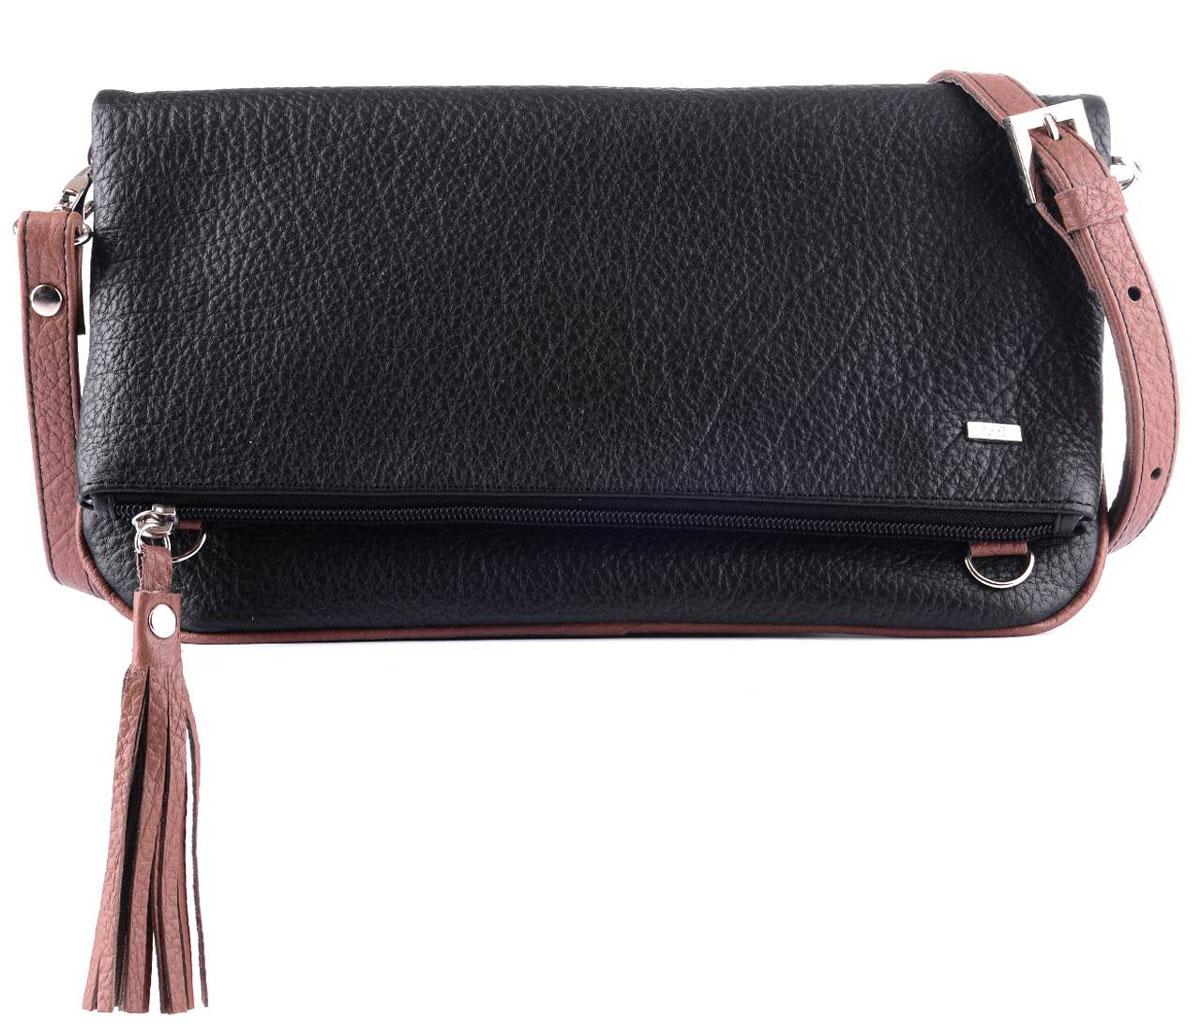 Сумка женская Esse Лика Dark, цвет: черный, коричневый. GLIK2U-00ML09-FG701O-K100GLIK2U-00ML09-FG701O-K100Женская сумка Esse изготовлена из натуральной кожи. Сумка имеет одно отделение на молнии. На передней стенке скрытый карман на магнитных кнопках, на задней стенке карман на молнии. Внутри один открытый карман для мелочей. Длина ремня регулируется.